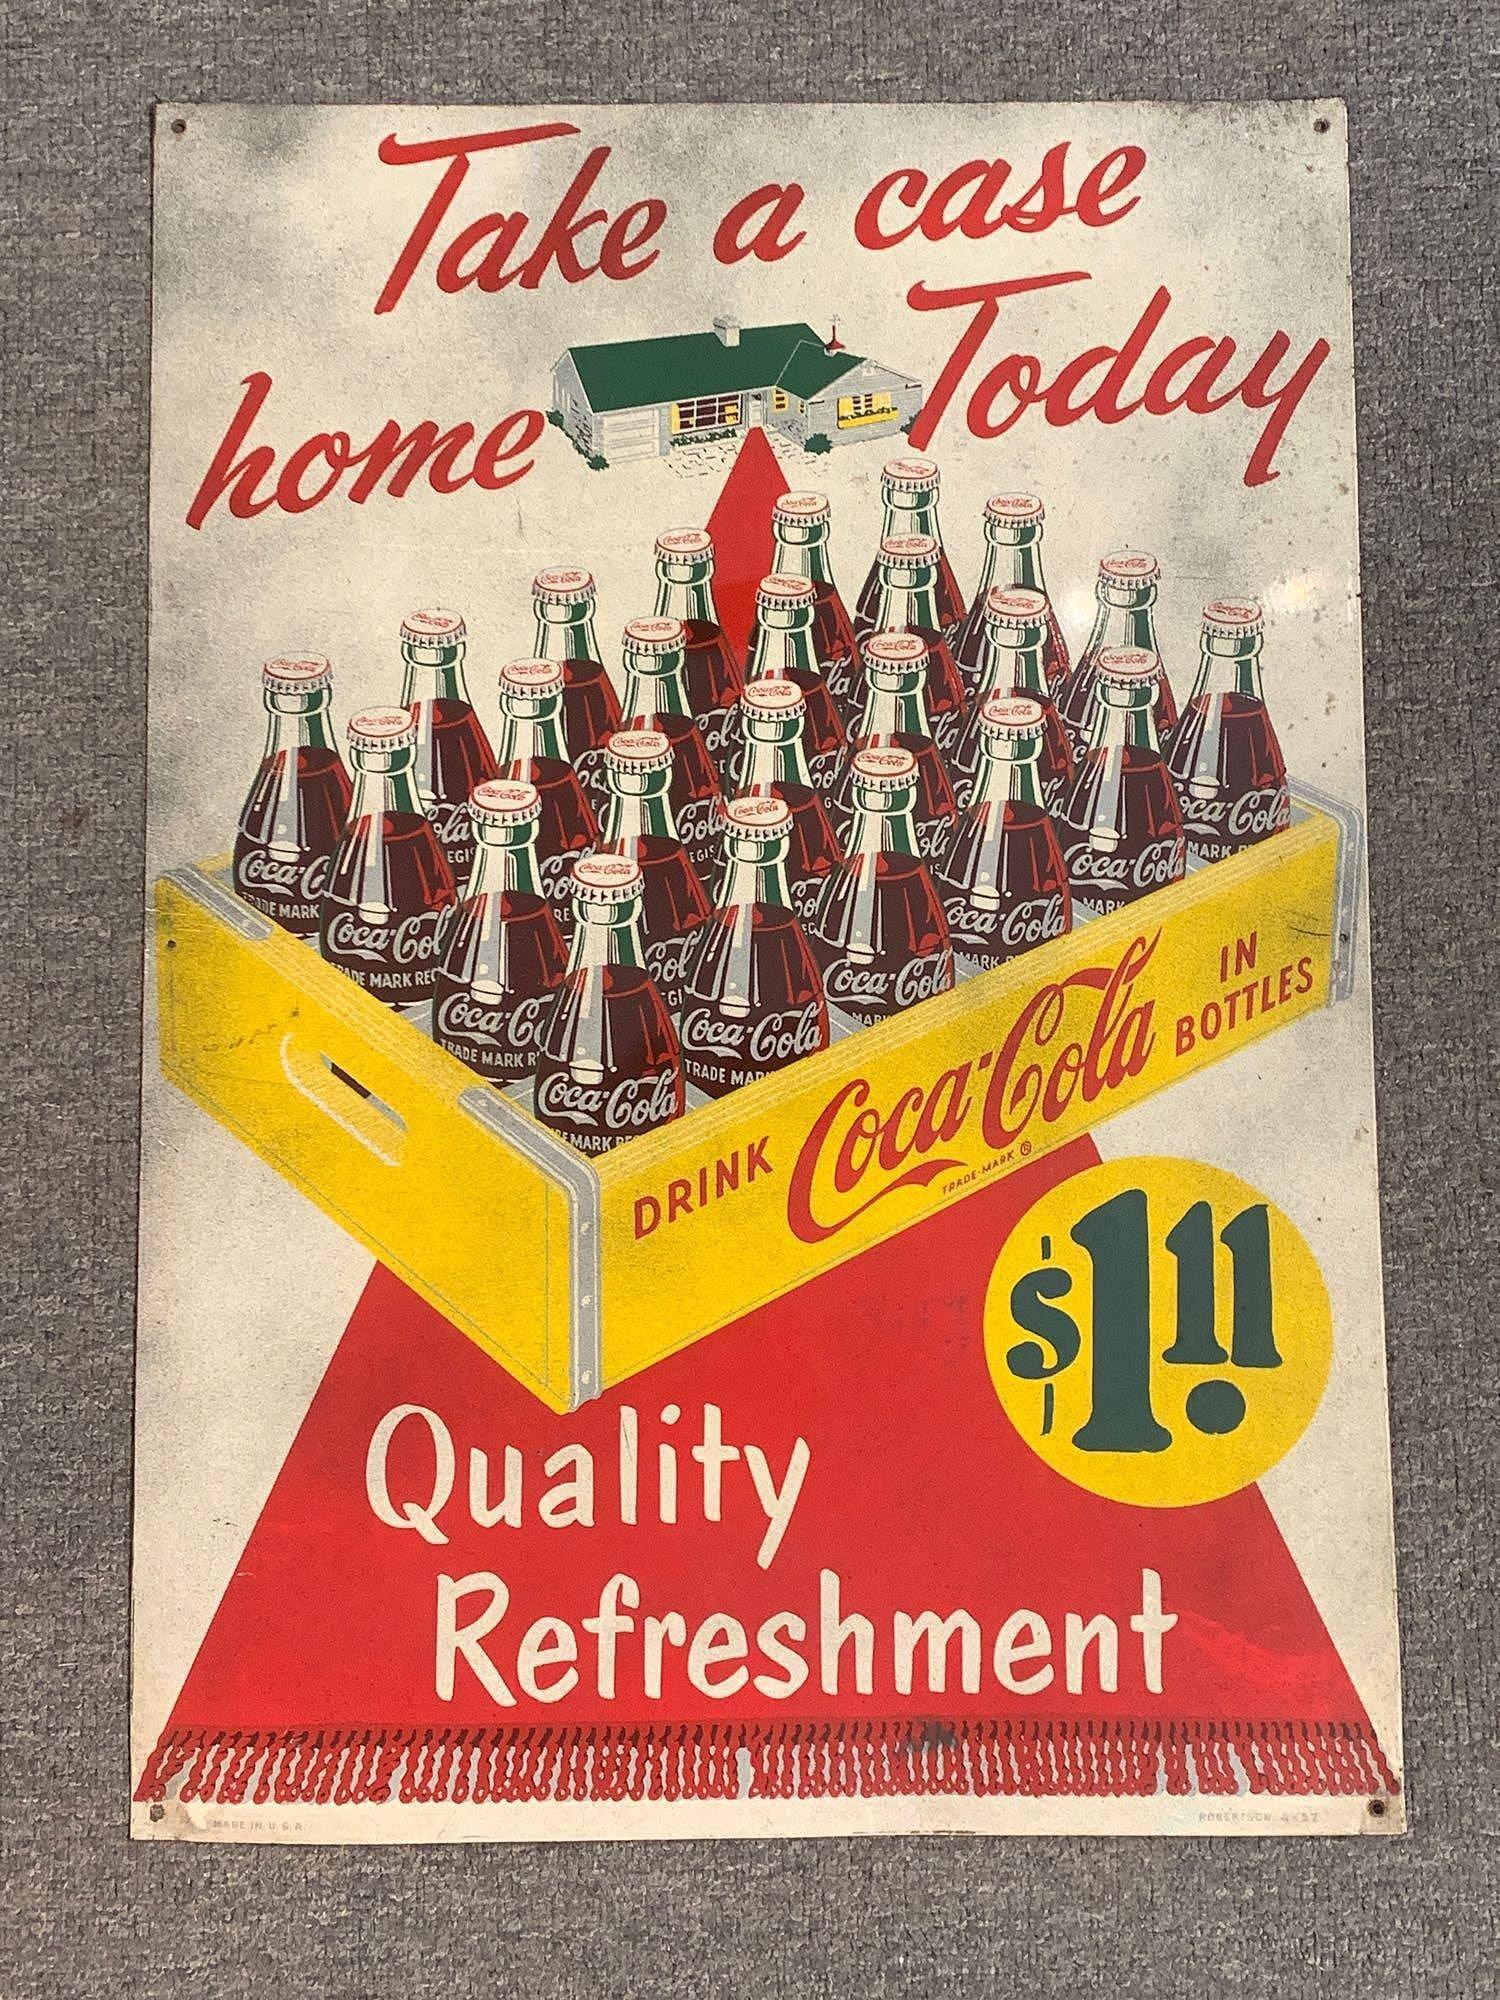 Coca-Cola Take A Case Home Today Tin Sign